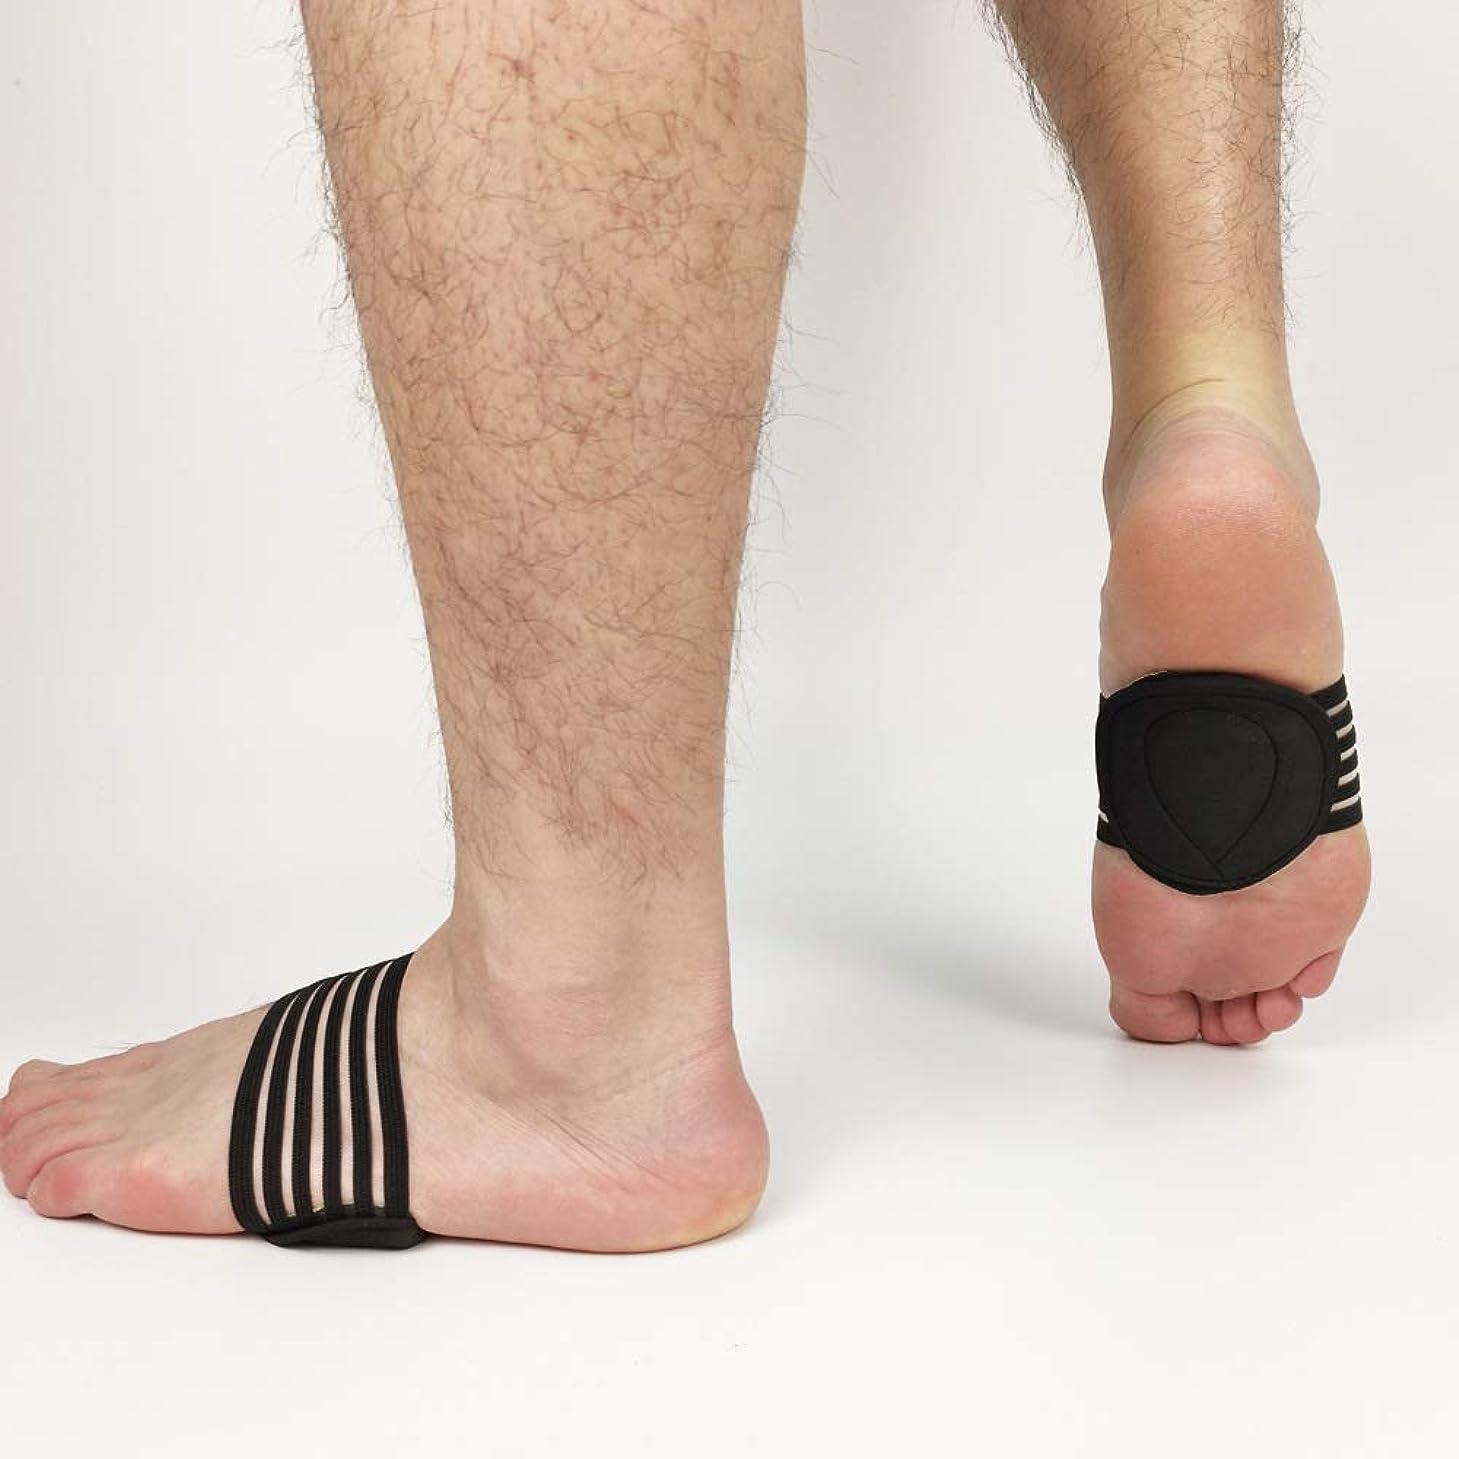 ブーム魚滅多足底筋膜炎のための2対のクッション付き圧縮アーチサポート倒れたアーチヒールスプリアスフラットとアーチーの足の問題(ワンサイズ)